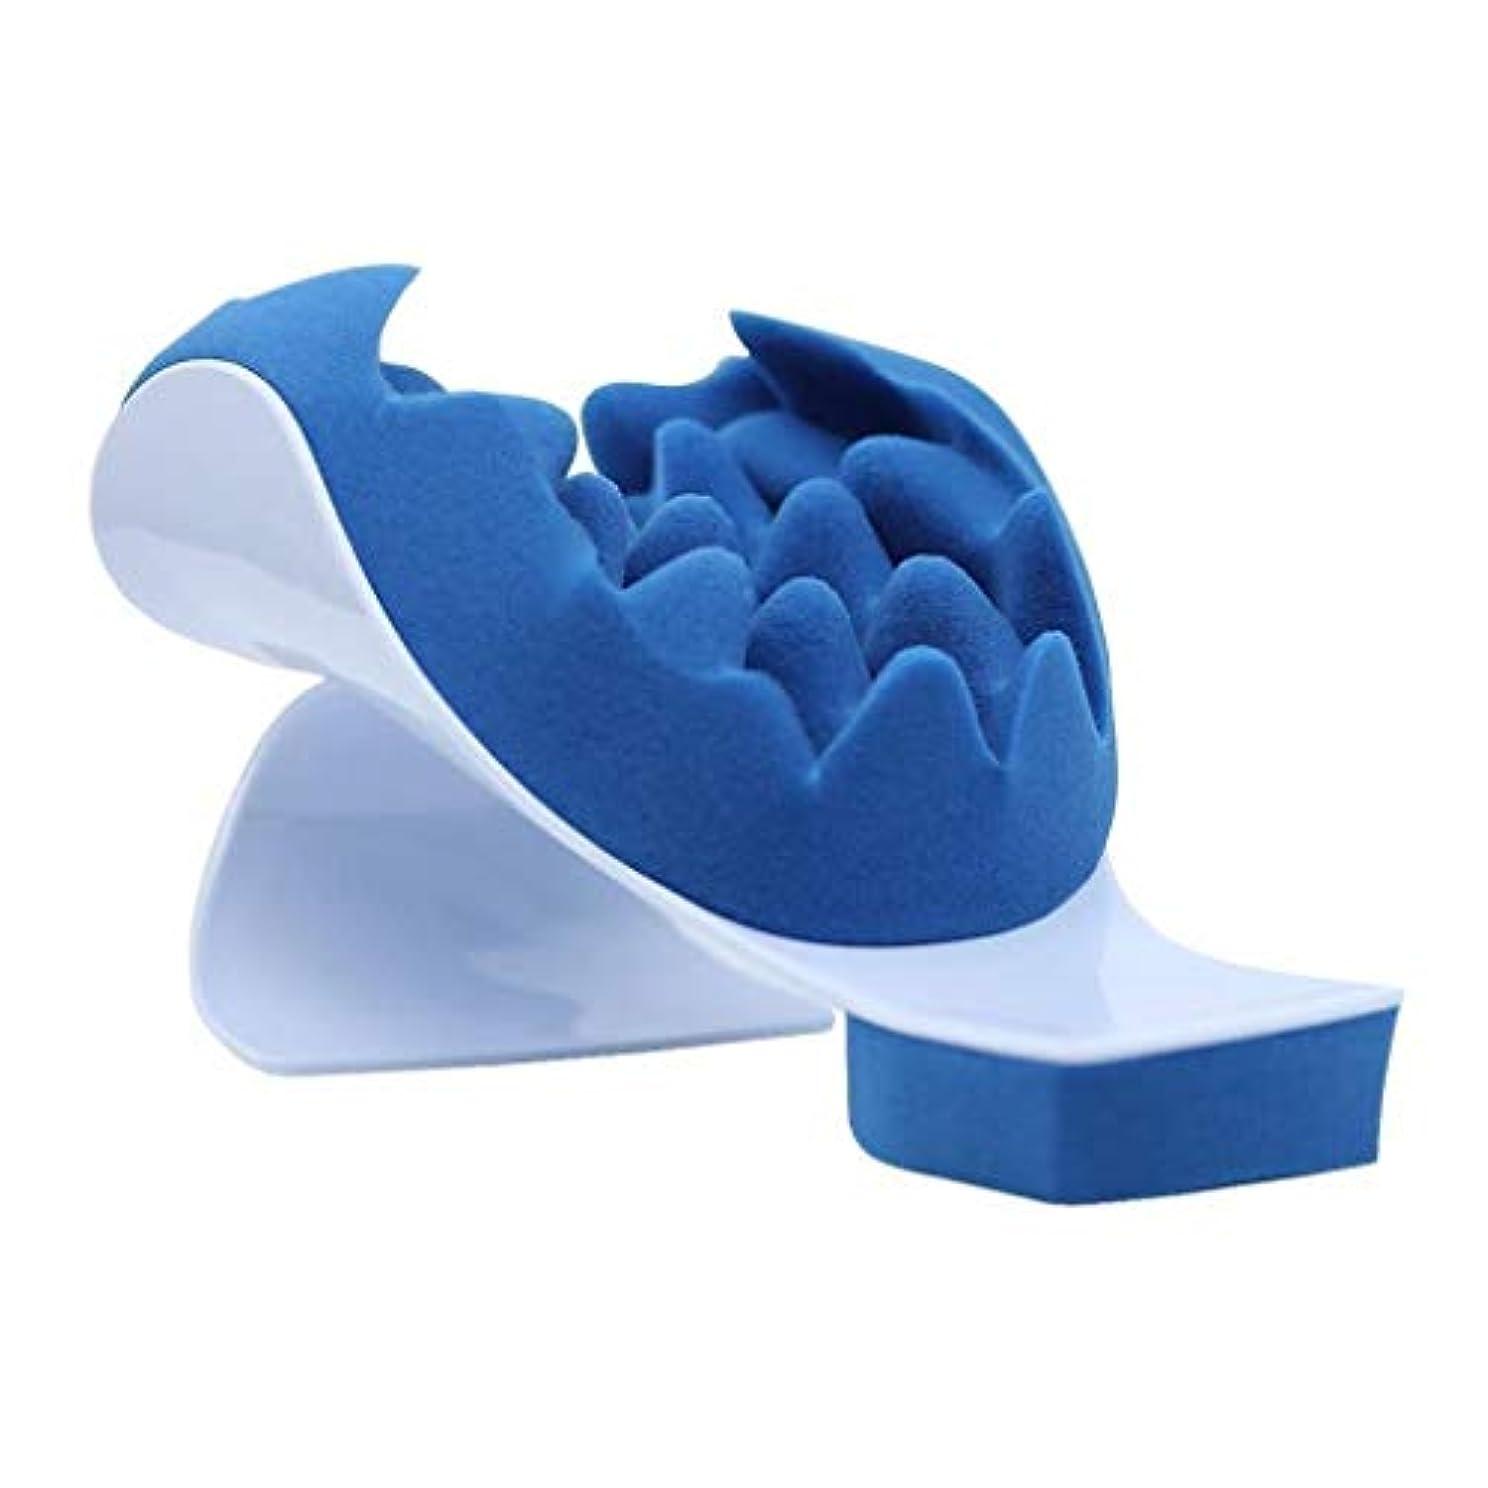 チャペルアンソロジーリファイン頚部マッサージャー、首と肩の枕マッサージマット、リラクゼーションマッスルとサポートマッサージ機器、メモリーフォームパッド、ホームオフィス旅行の使用に適しています